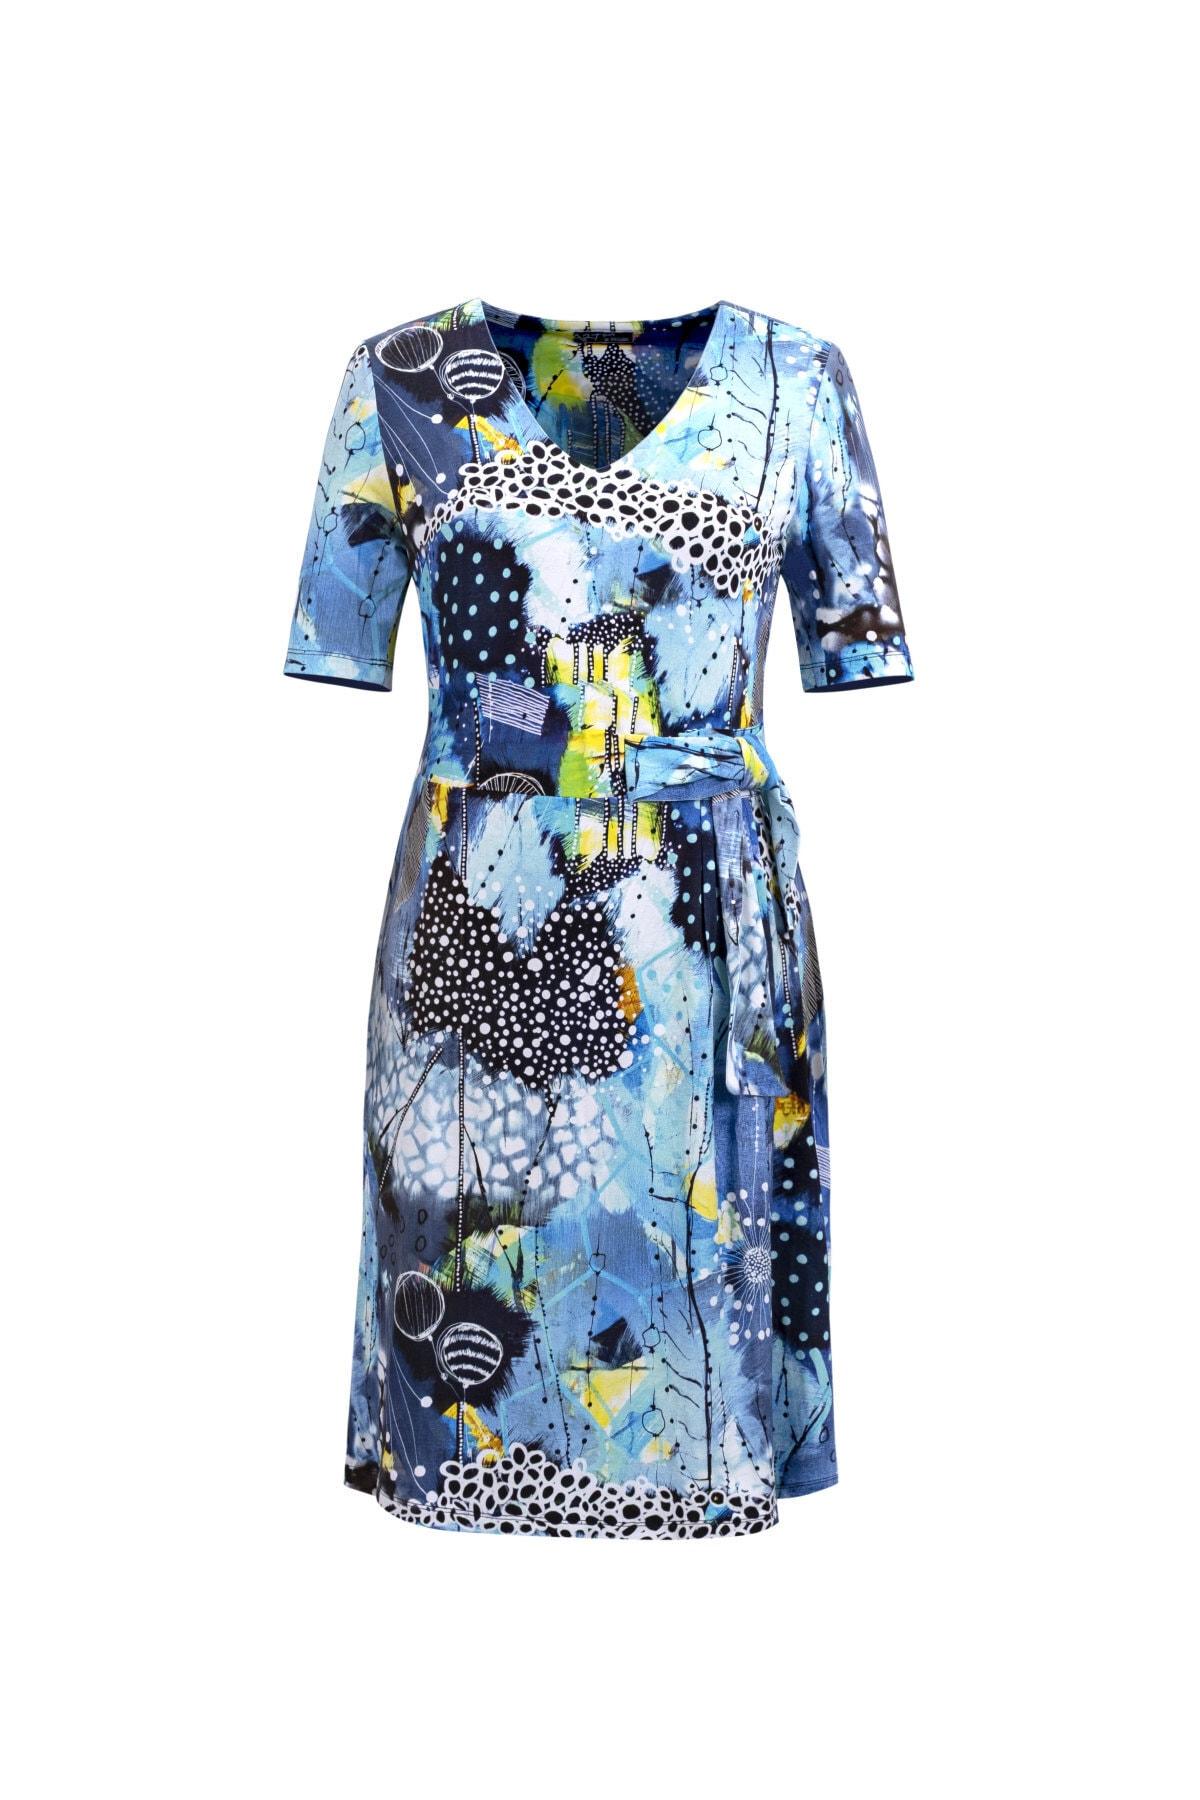 Kemer Detaylı Kısa Kollu Elbise